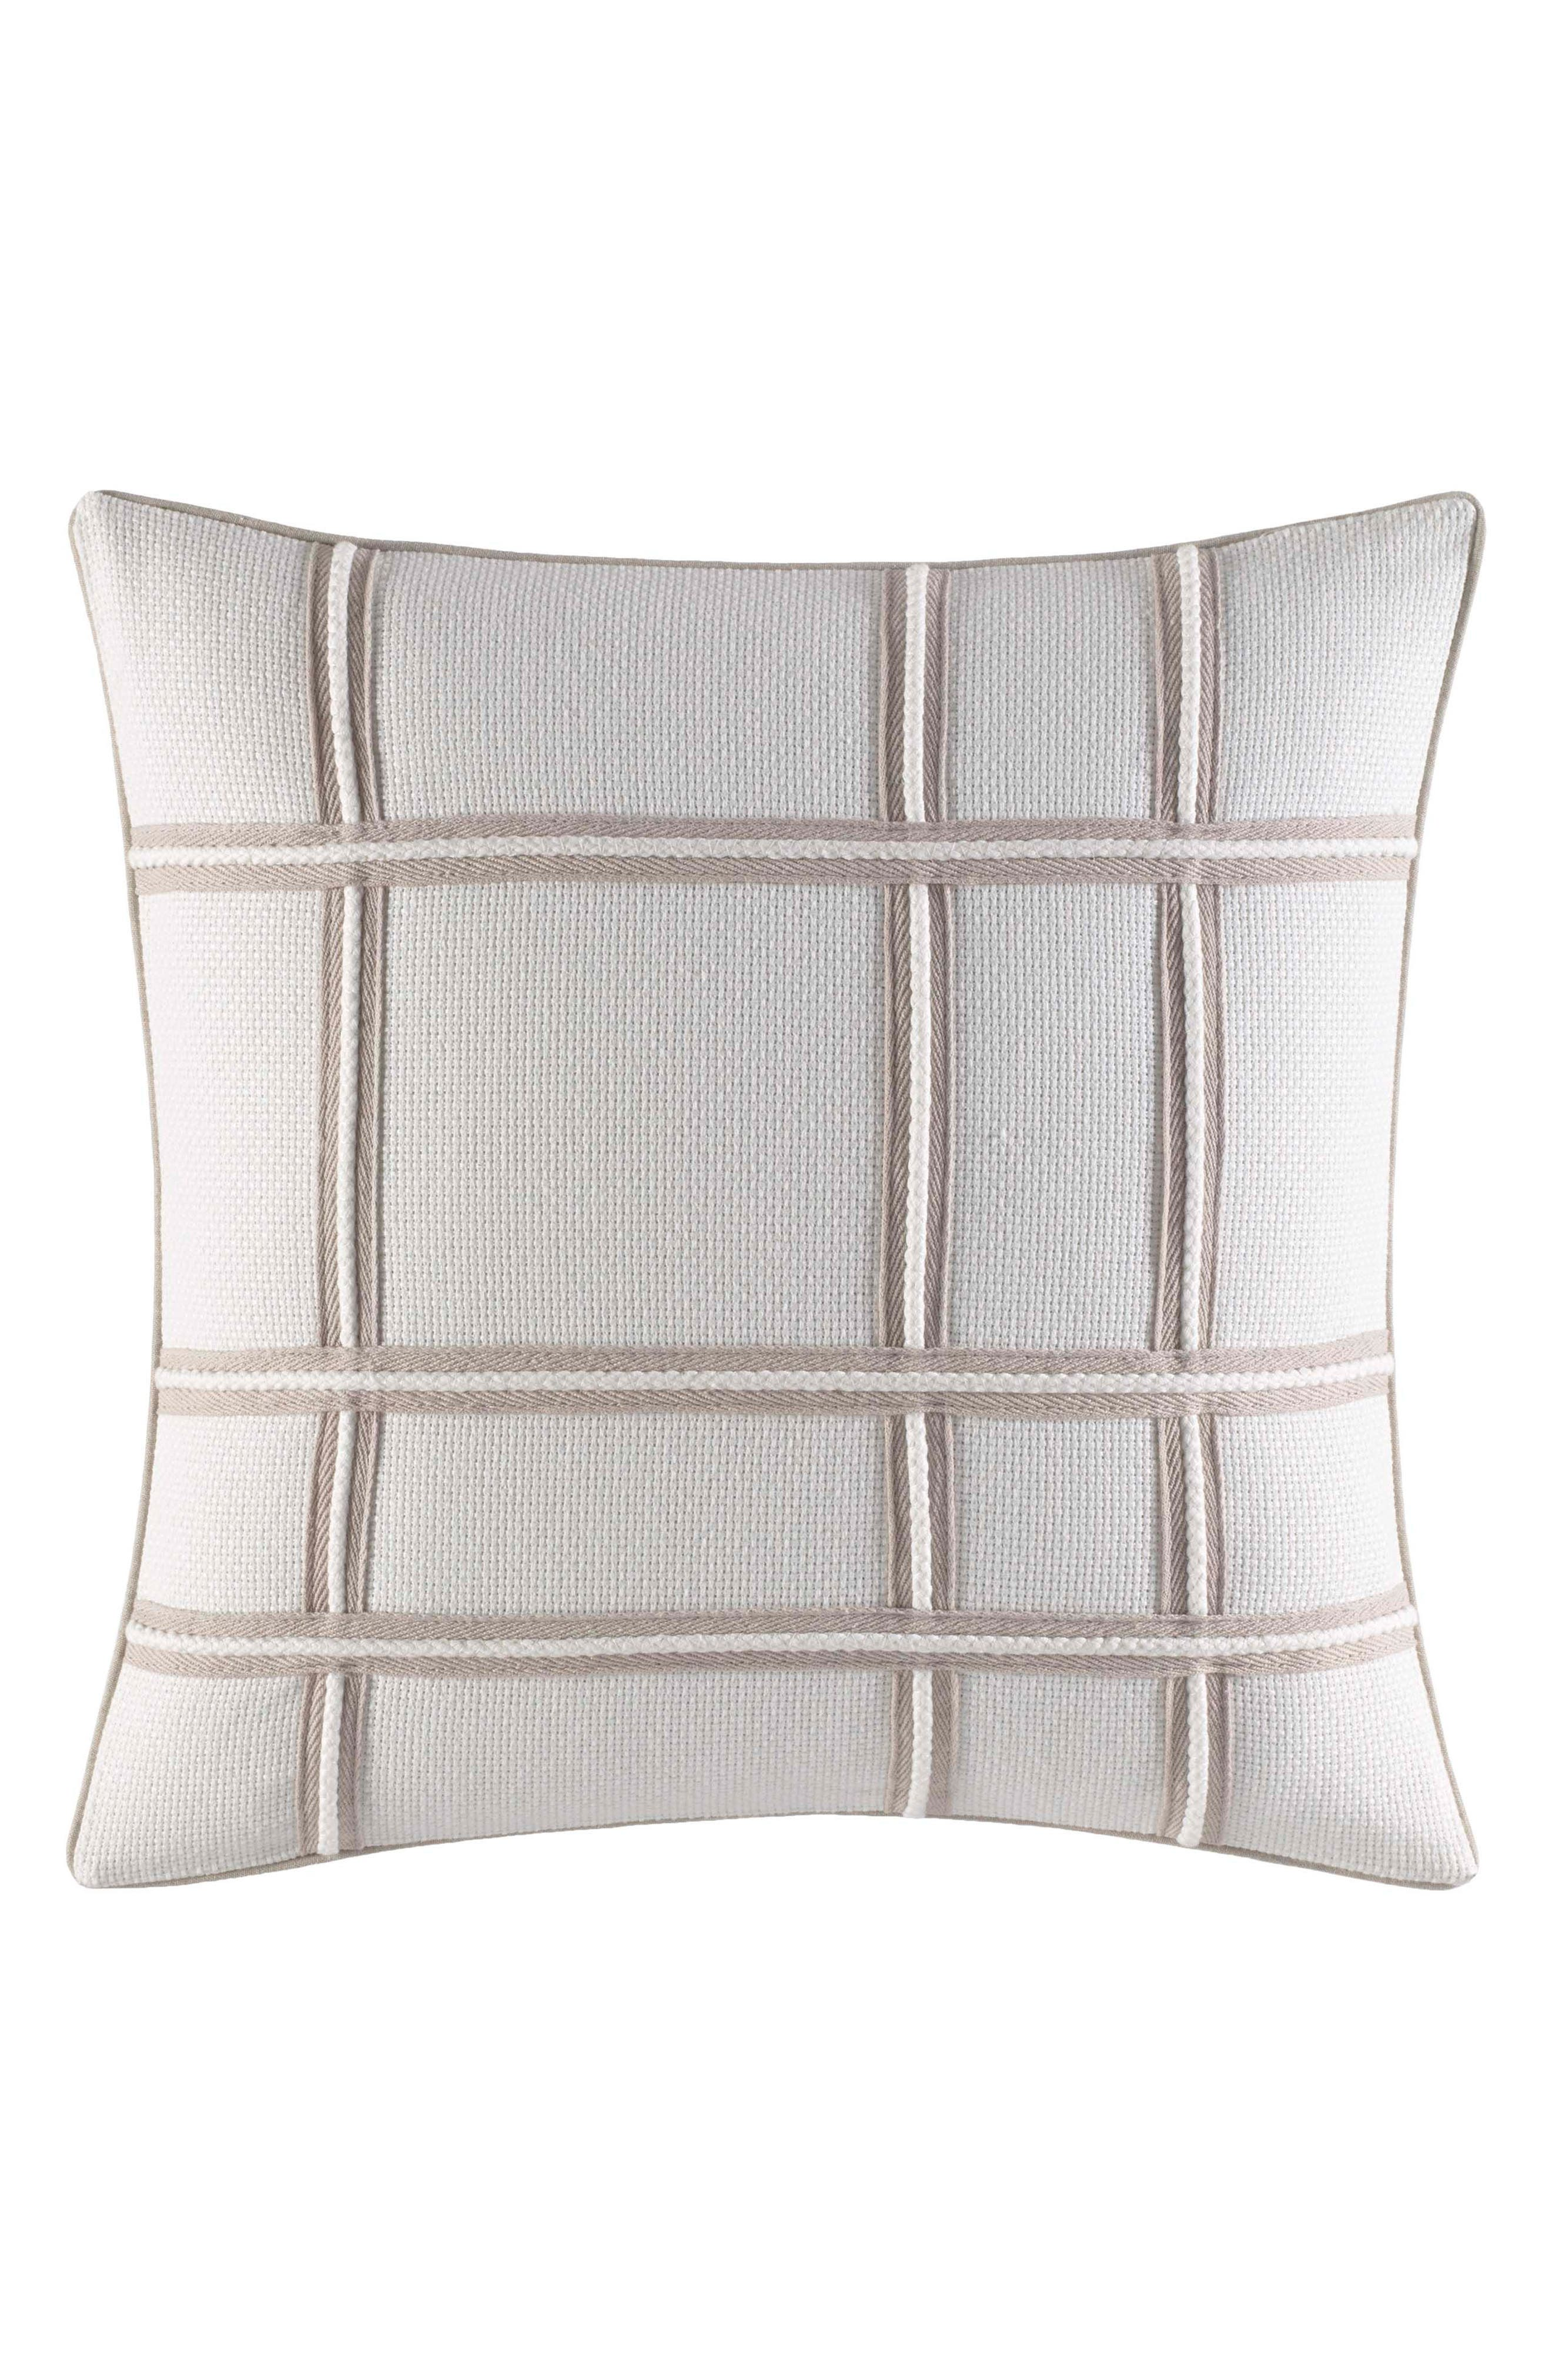 Abbot Rope Appliqué Accent Pillow,                         Main,                         color, 100